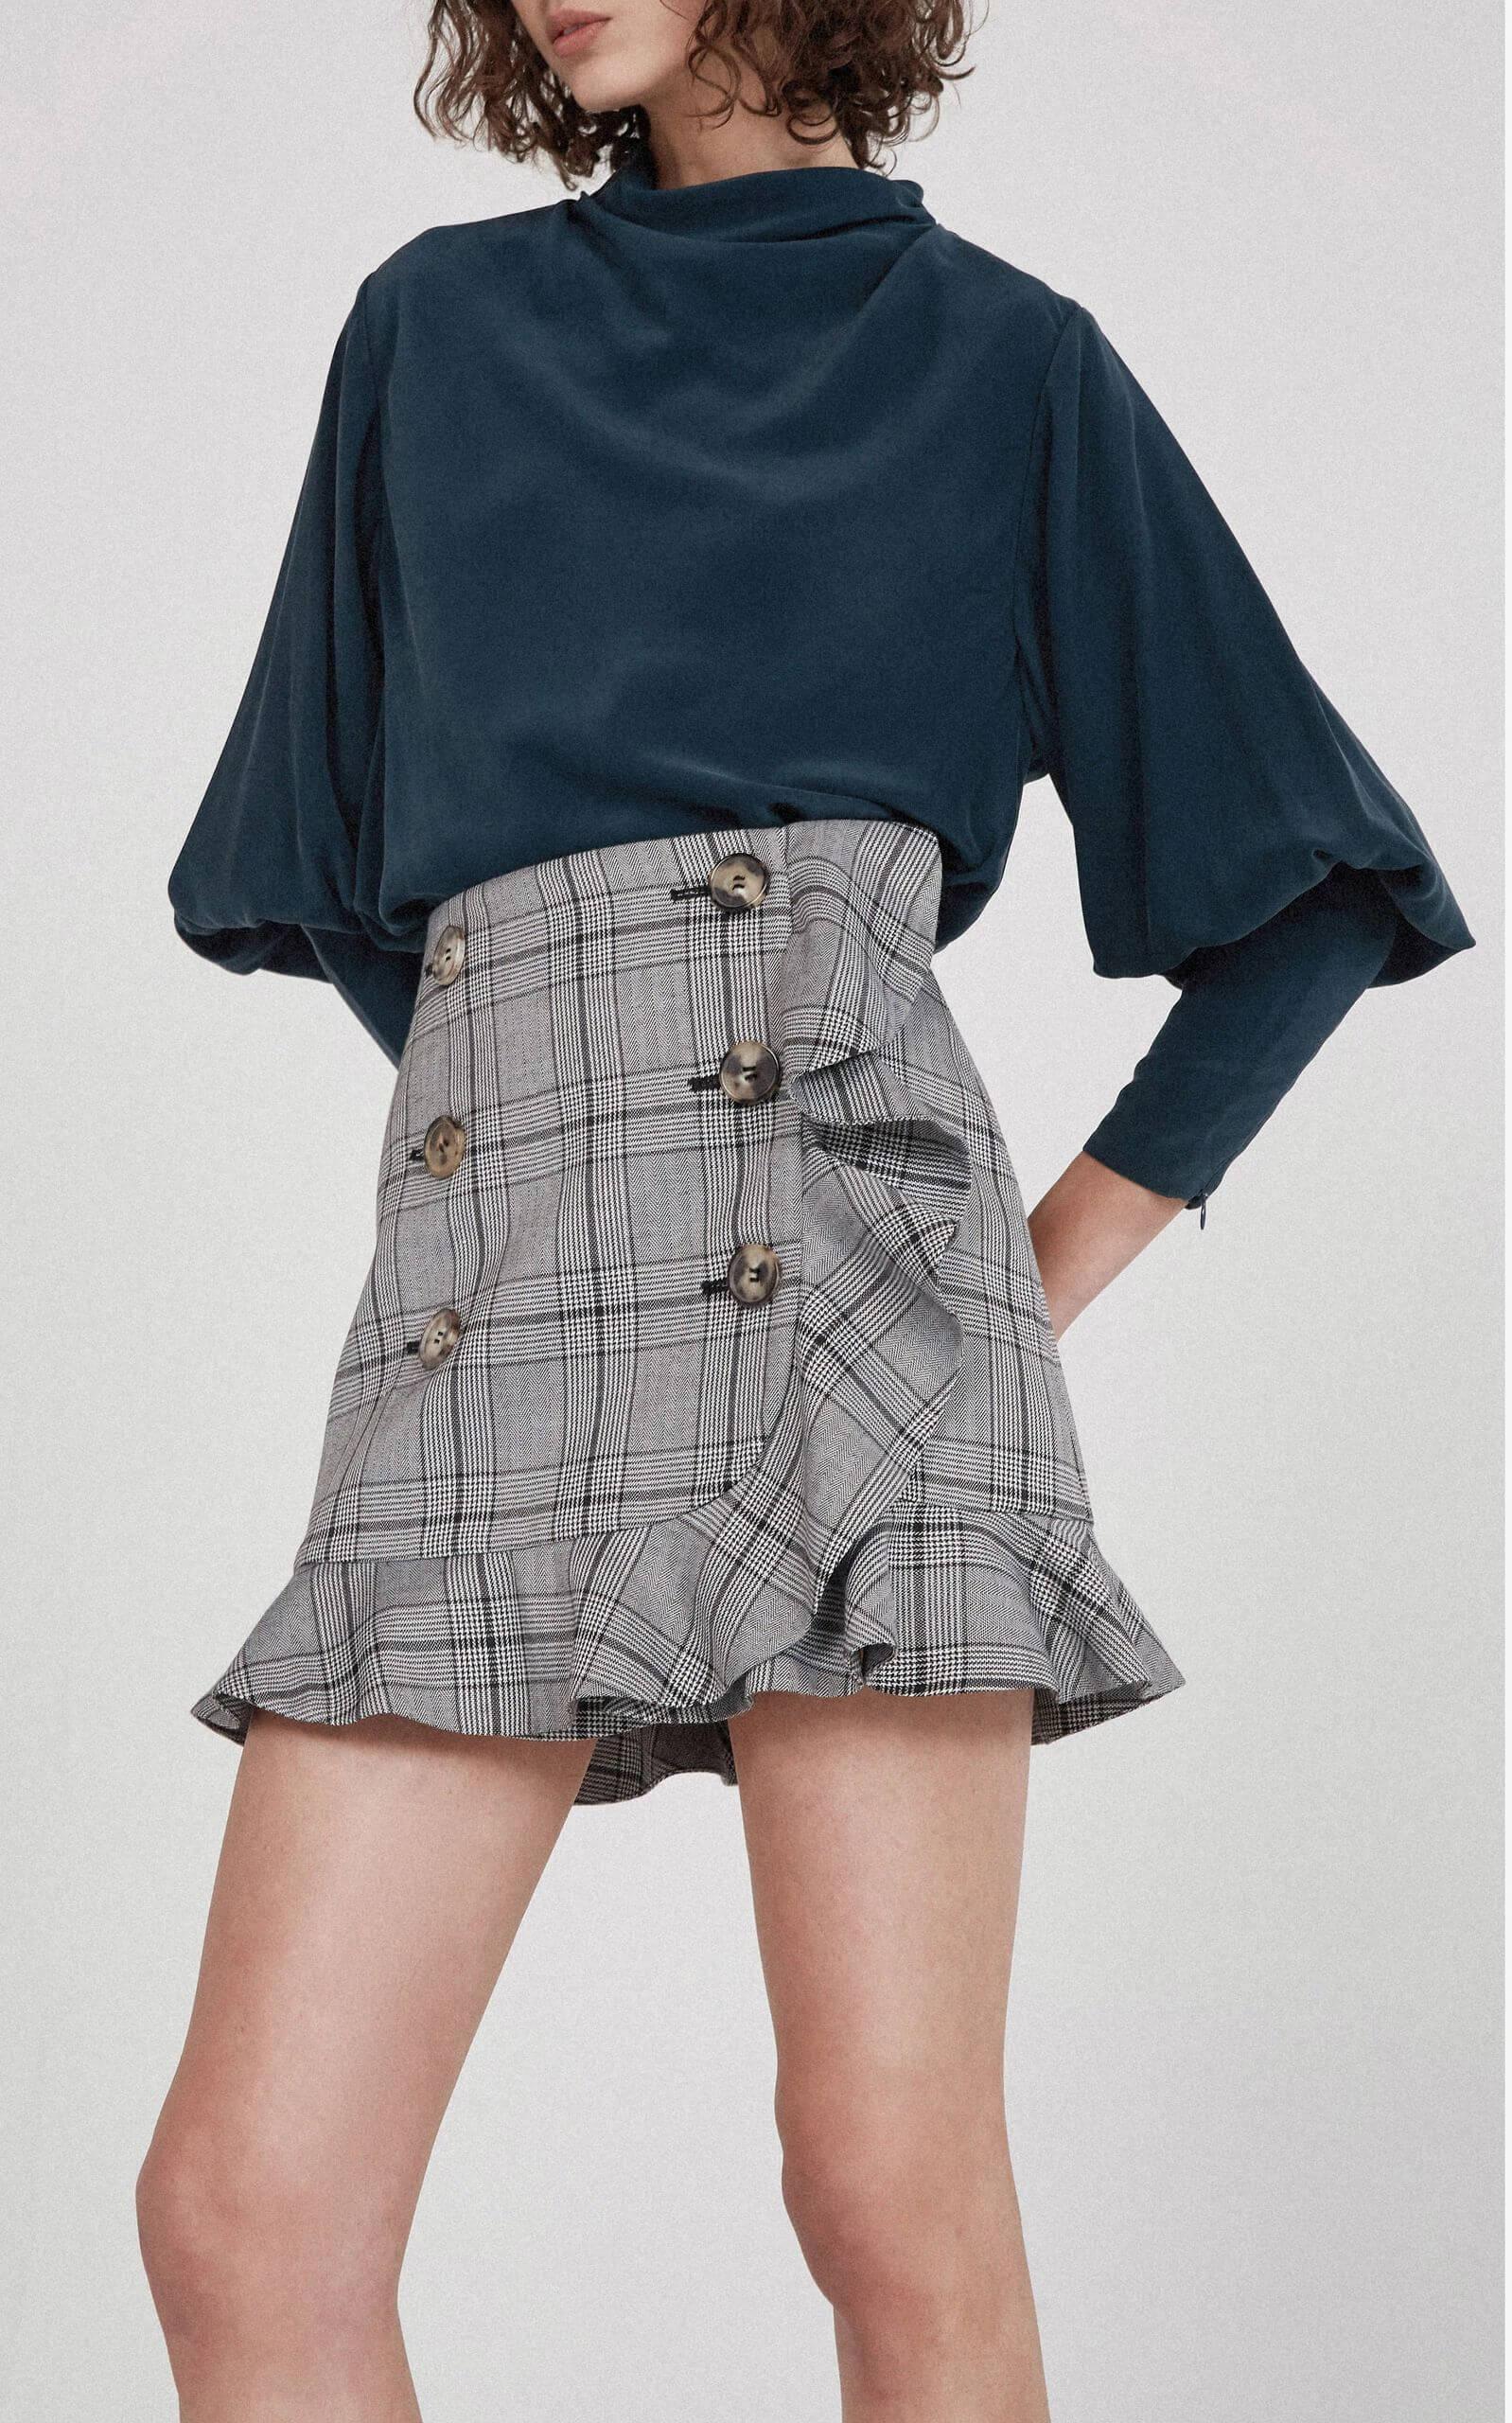 Penrith Skirt